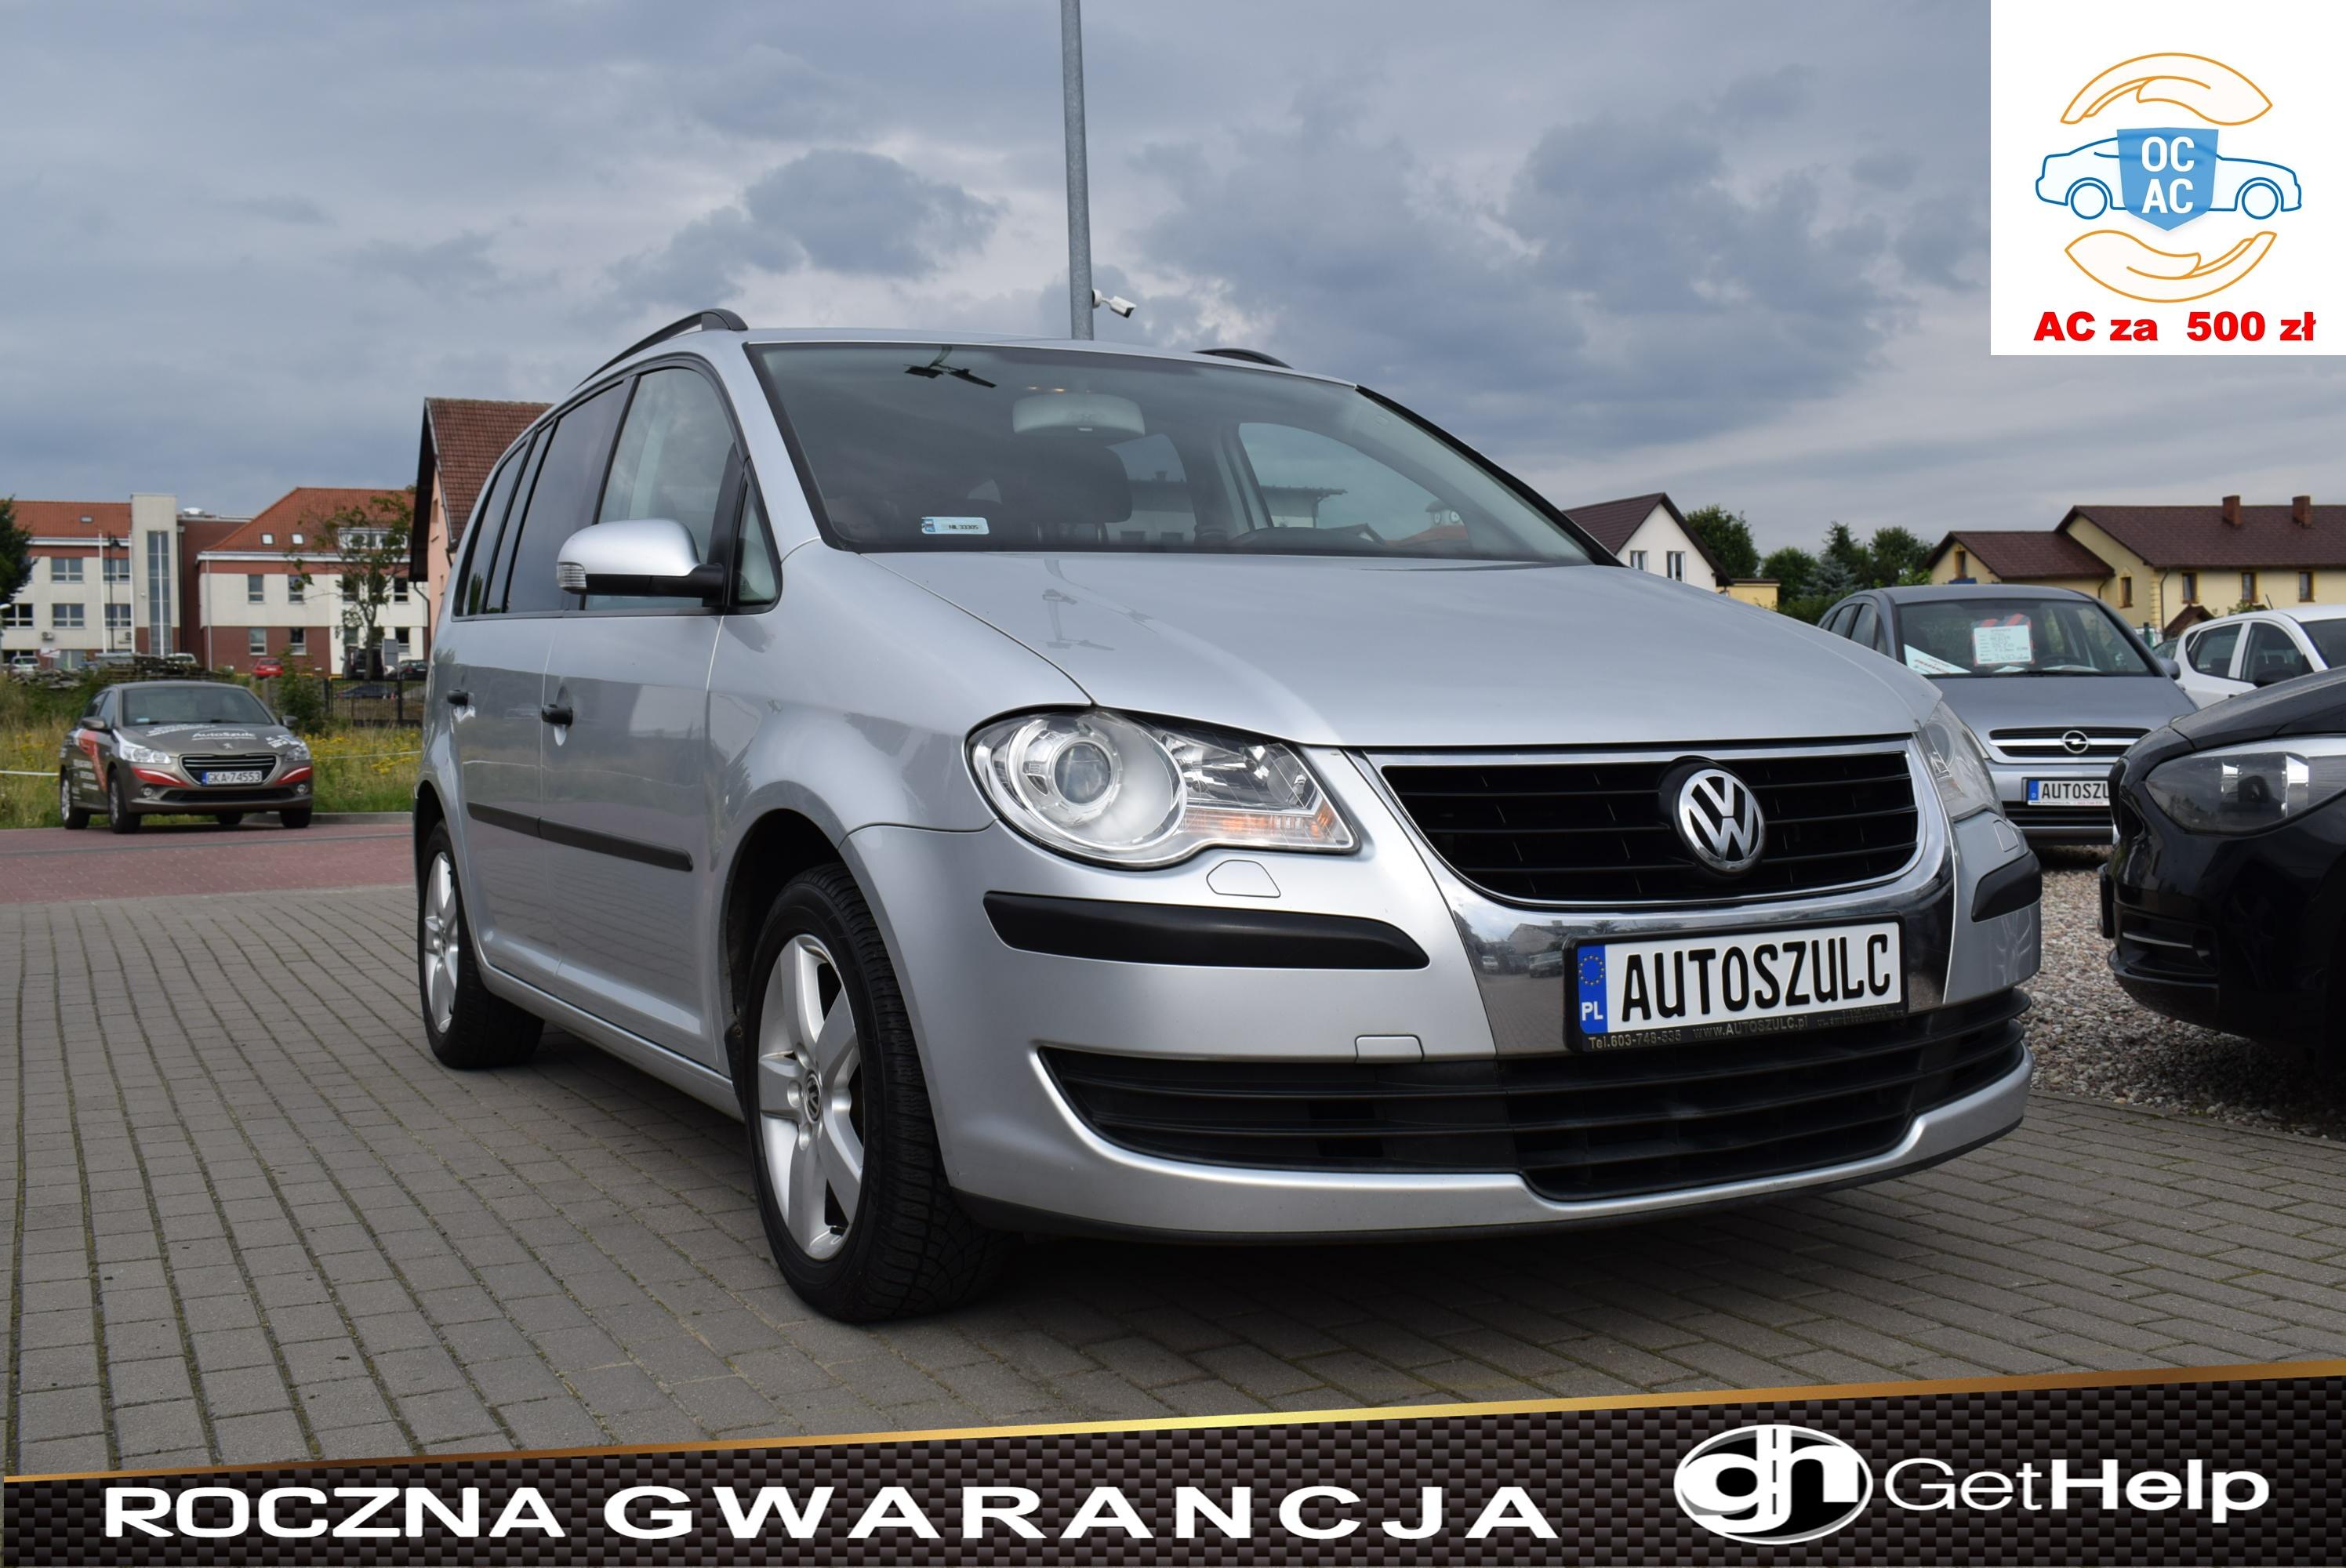 VW Touran 1.9 TDI, Lift, I-Właściciel, Zarejestrowany, Opłacony, Najlepsza jednostka silnikowa, Rok Gwarancji